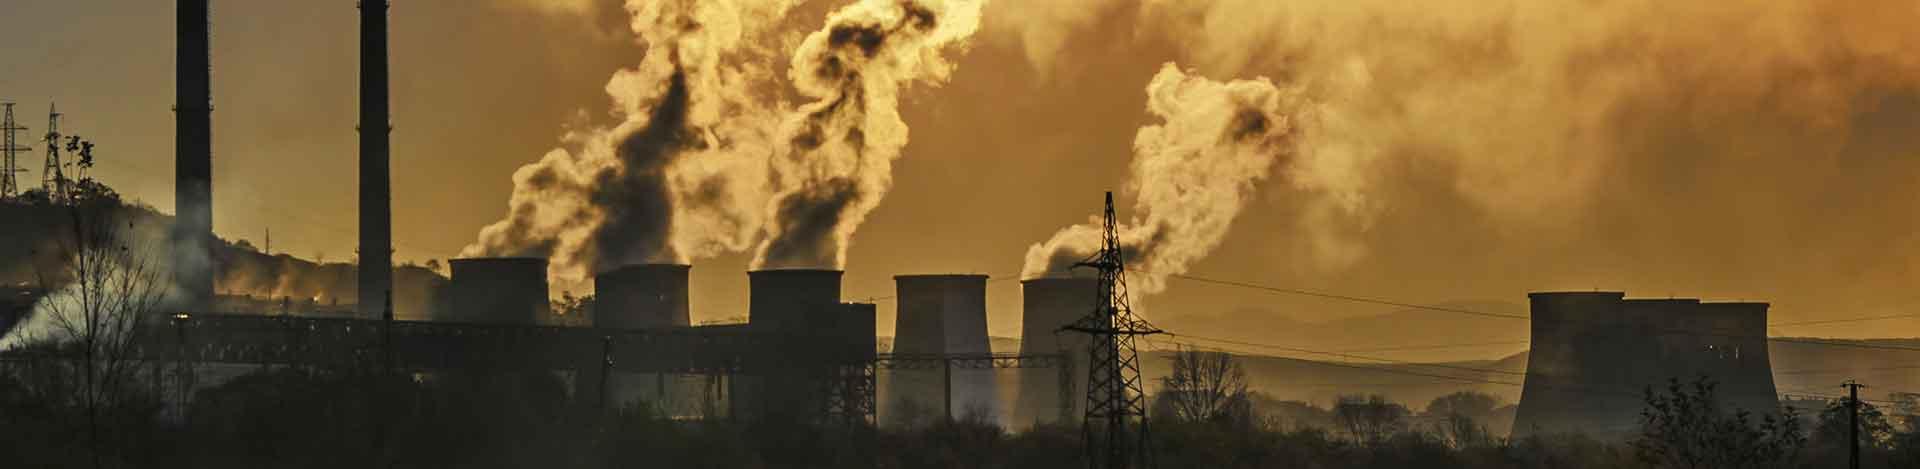 Engagement climatique